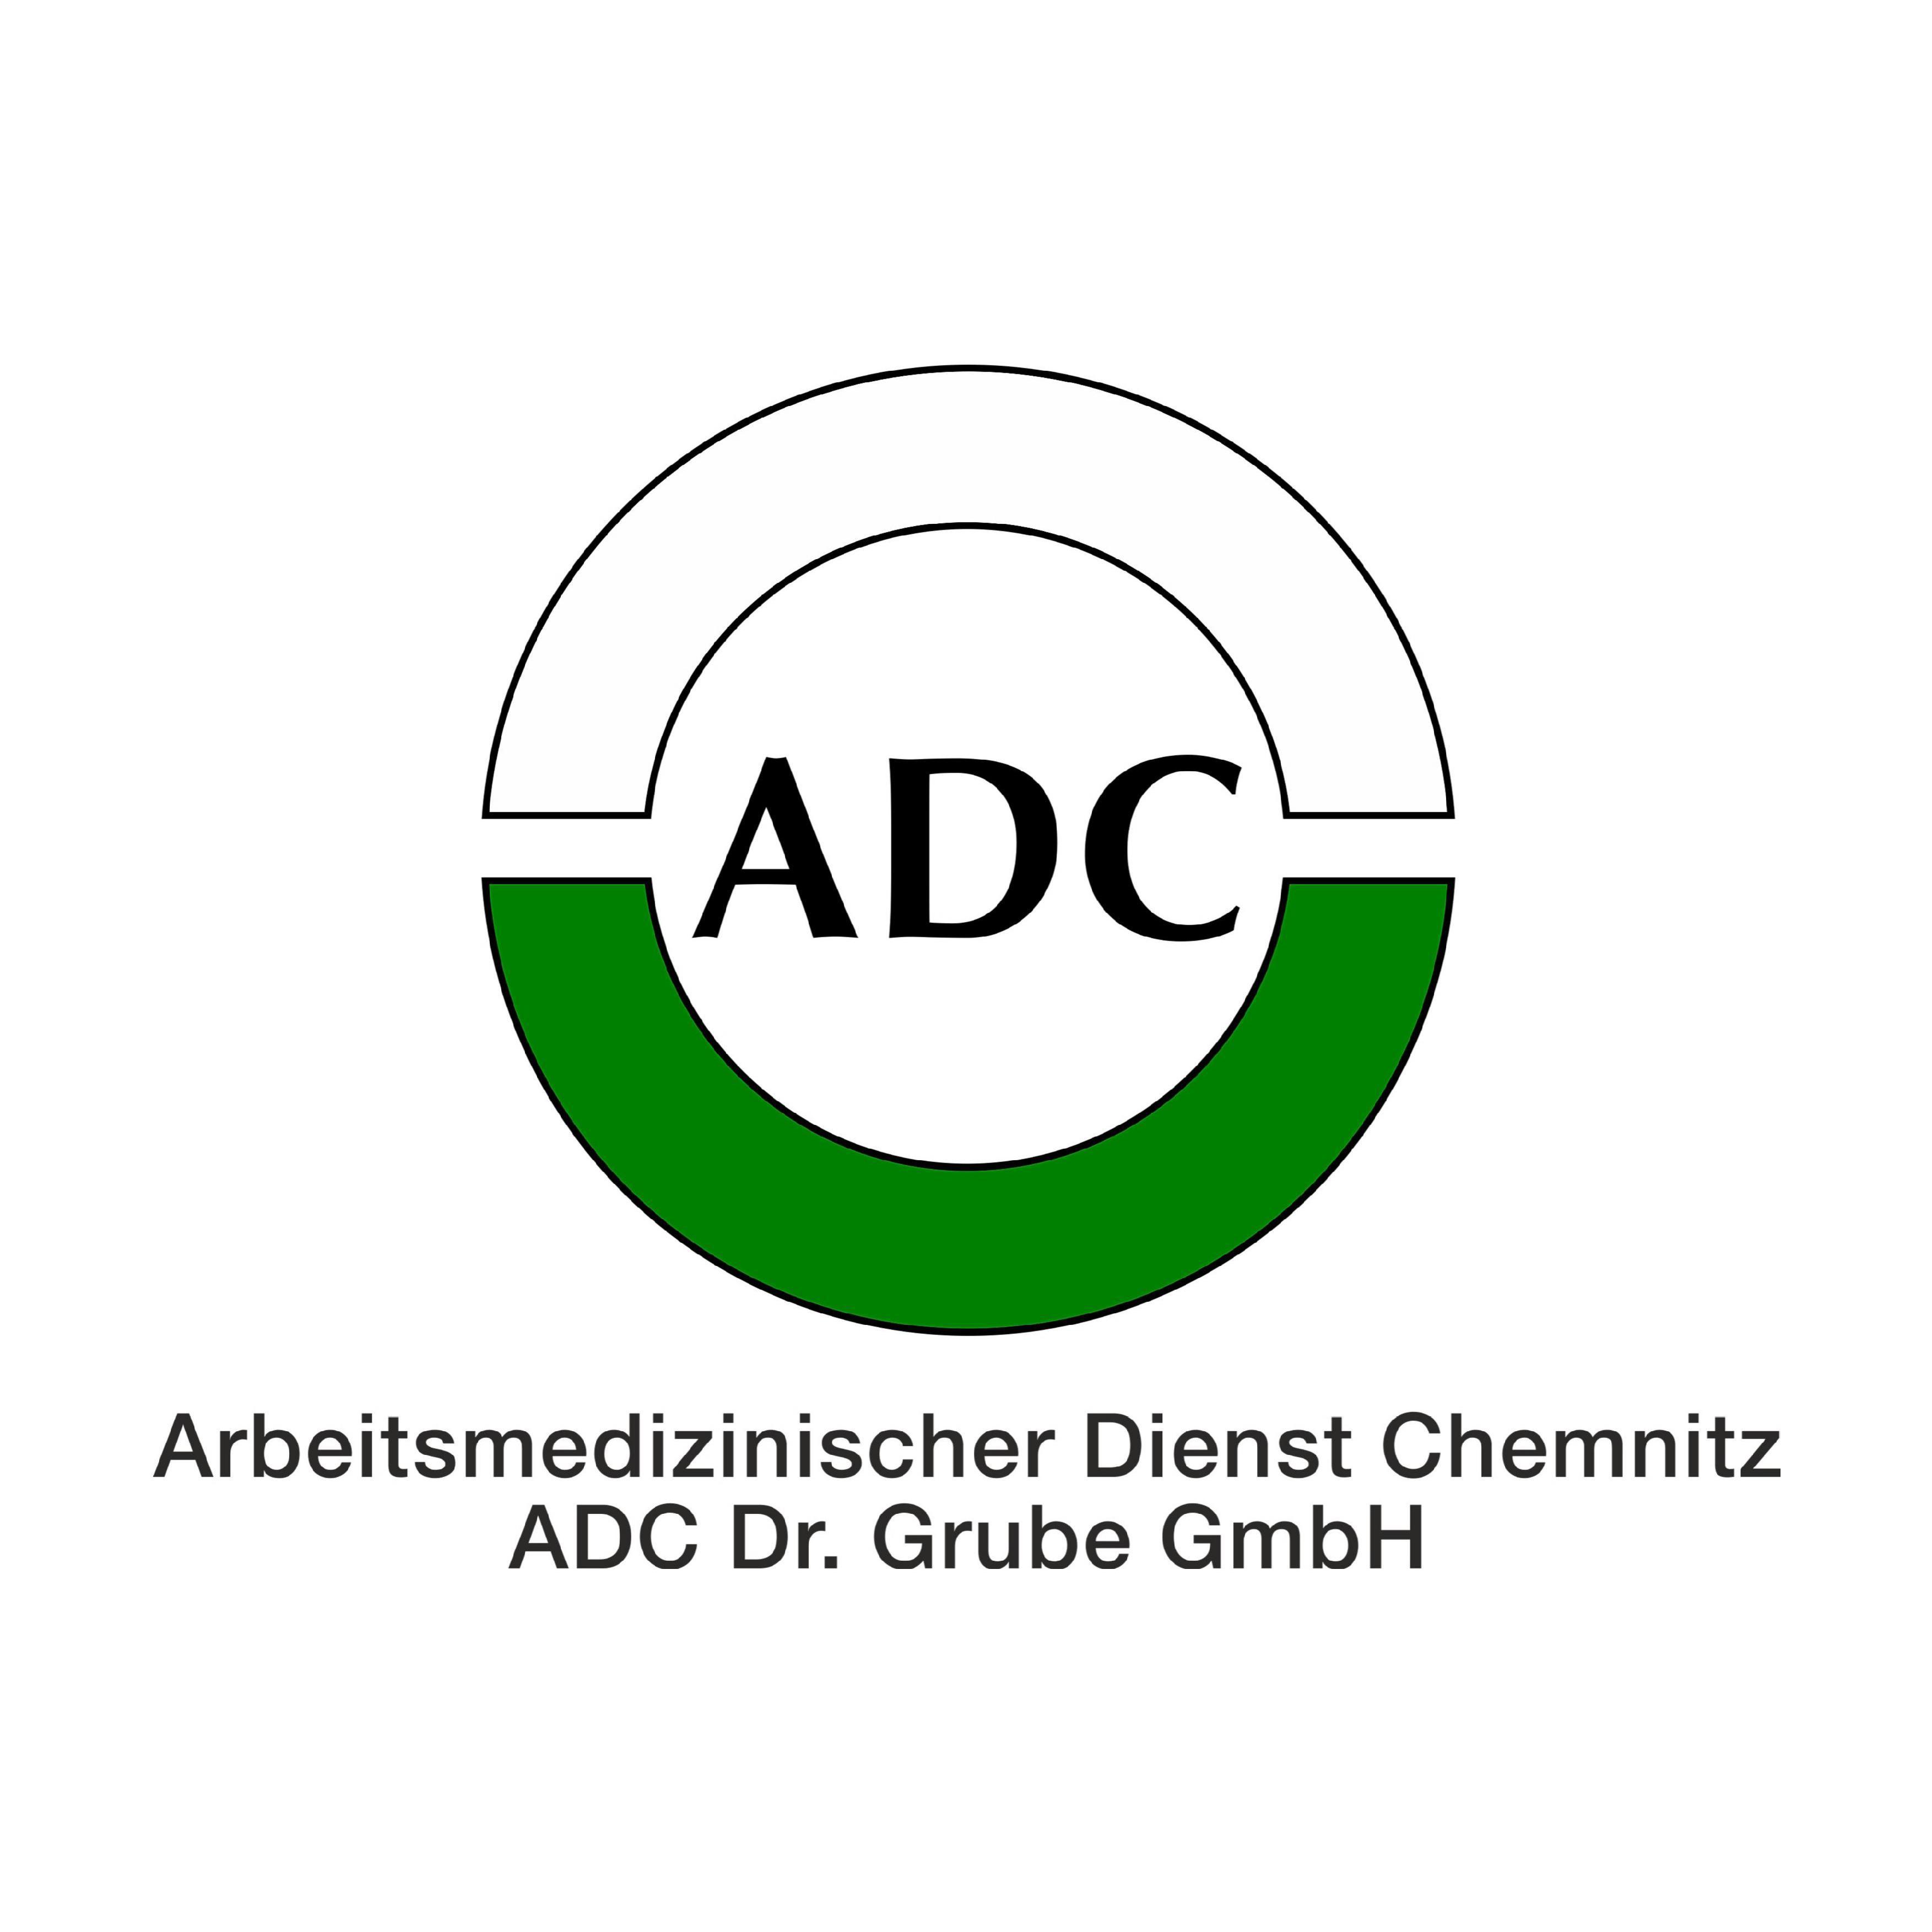 Logo von Arbeitsmedizinischer Dienst Chemnitz ADC Dr. Grube GmbH